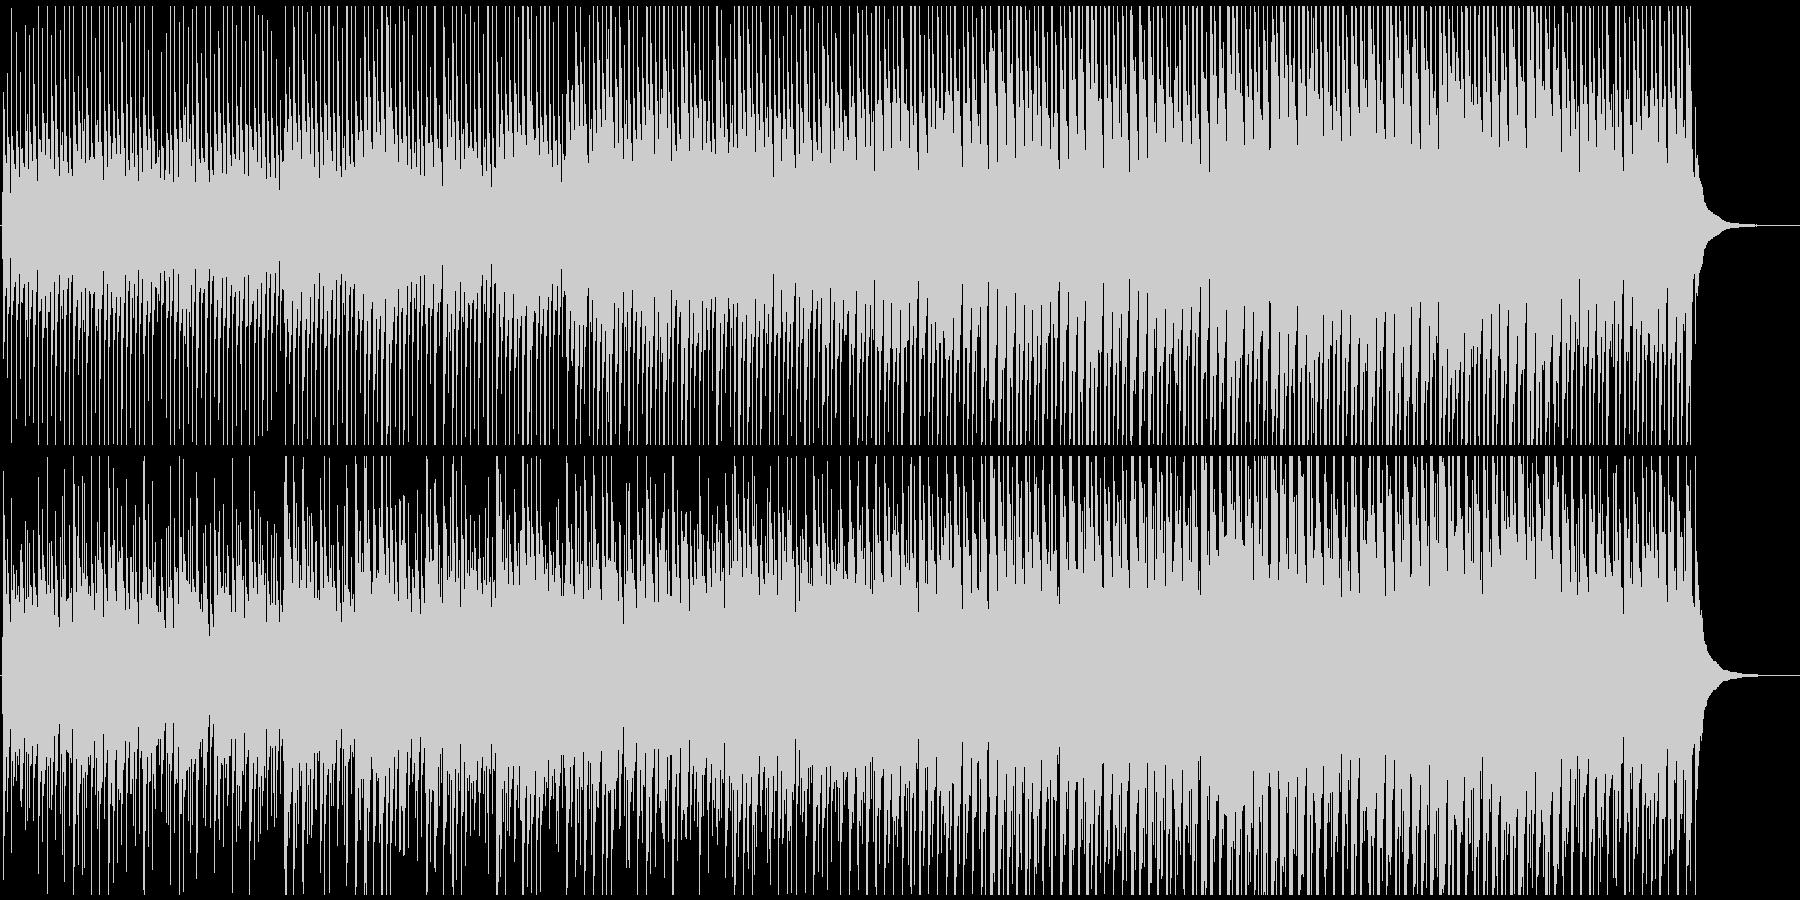 かわいいマーチ風アコースティックポップの未再生の波形